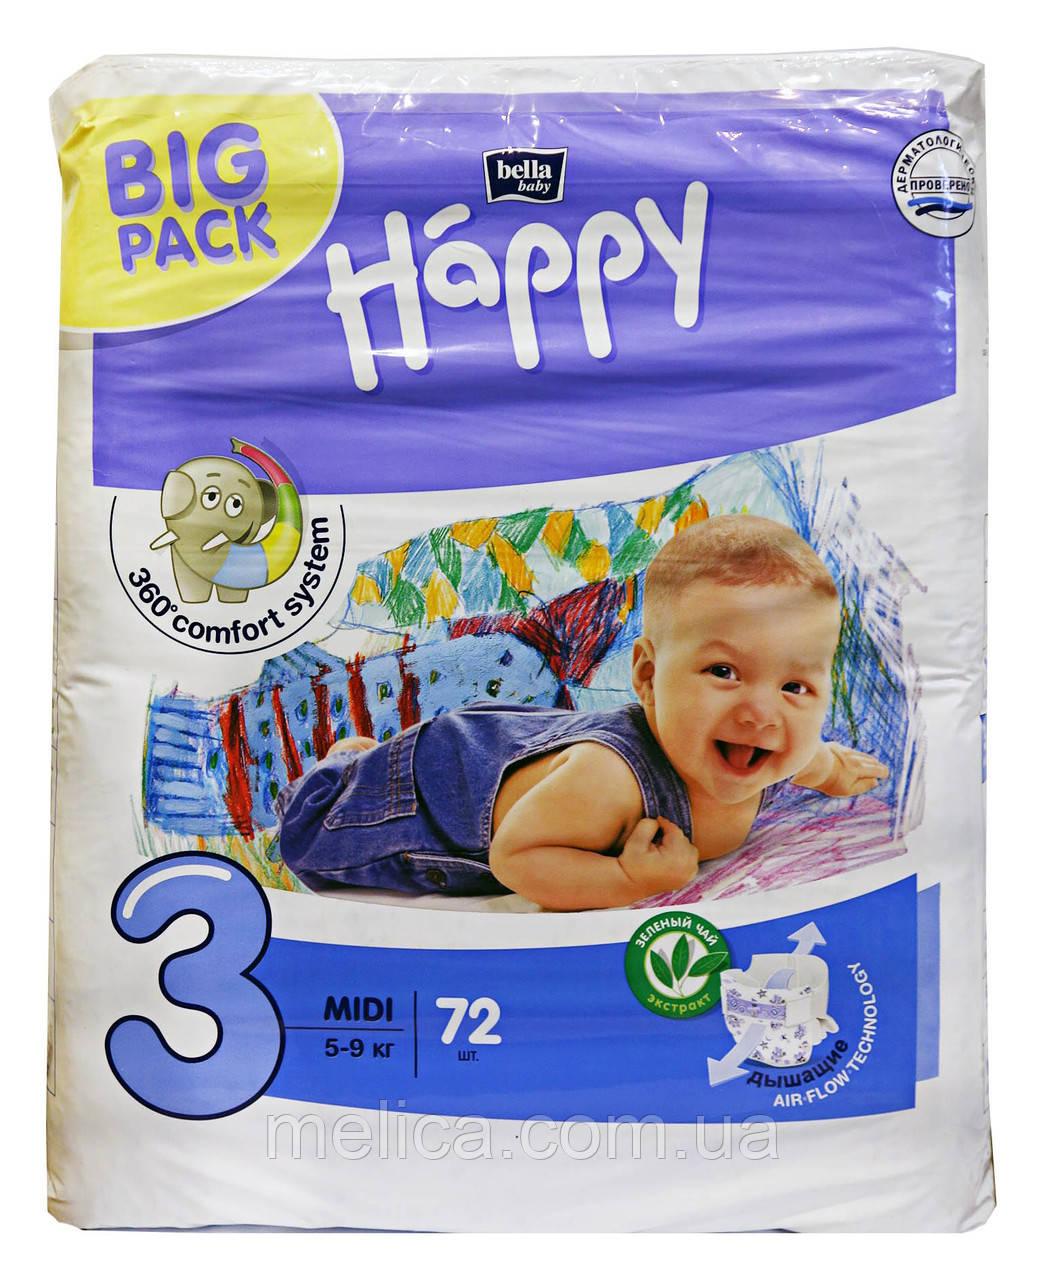 Подгузники Bella Happy Midi 3 (5-9 кг) 72 шт., цена 353,47 грн ... 9822f19159f